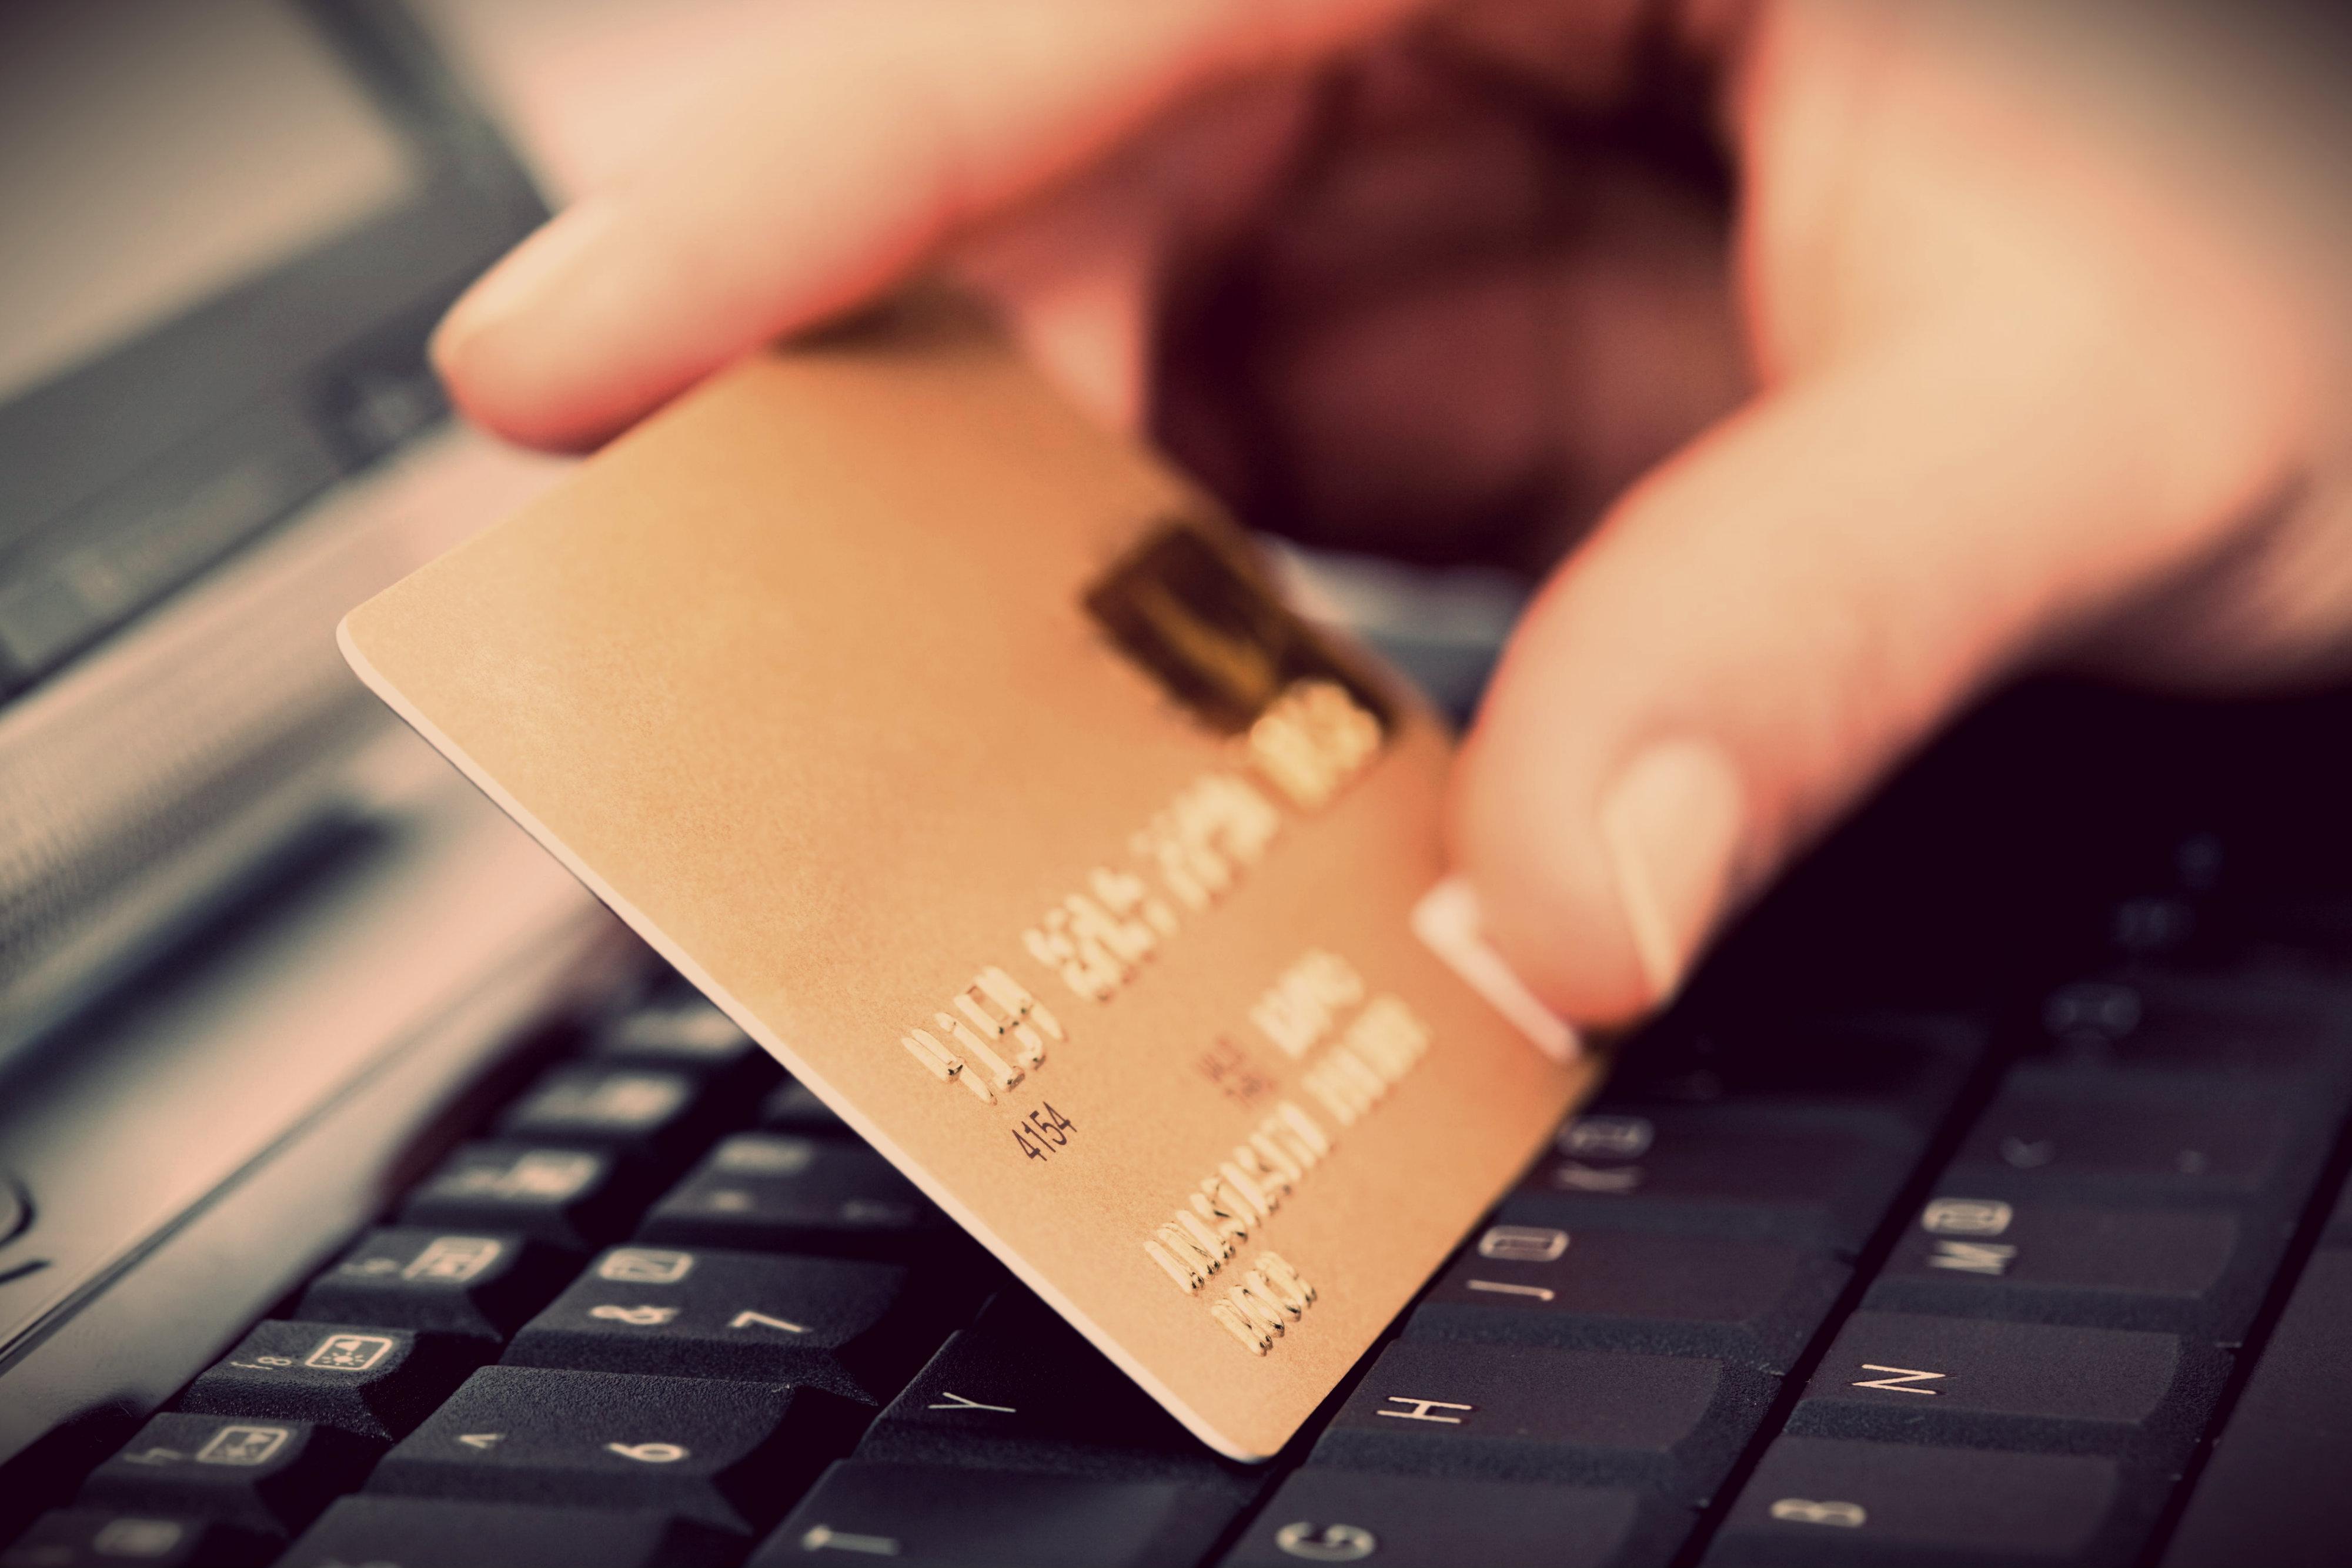 Срок подачи заявления о мошенничестве в полицию онлайн